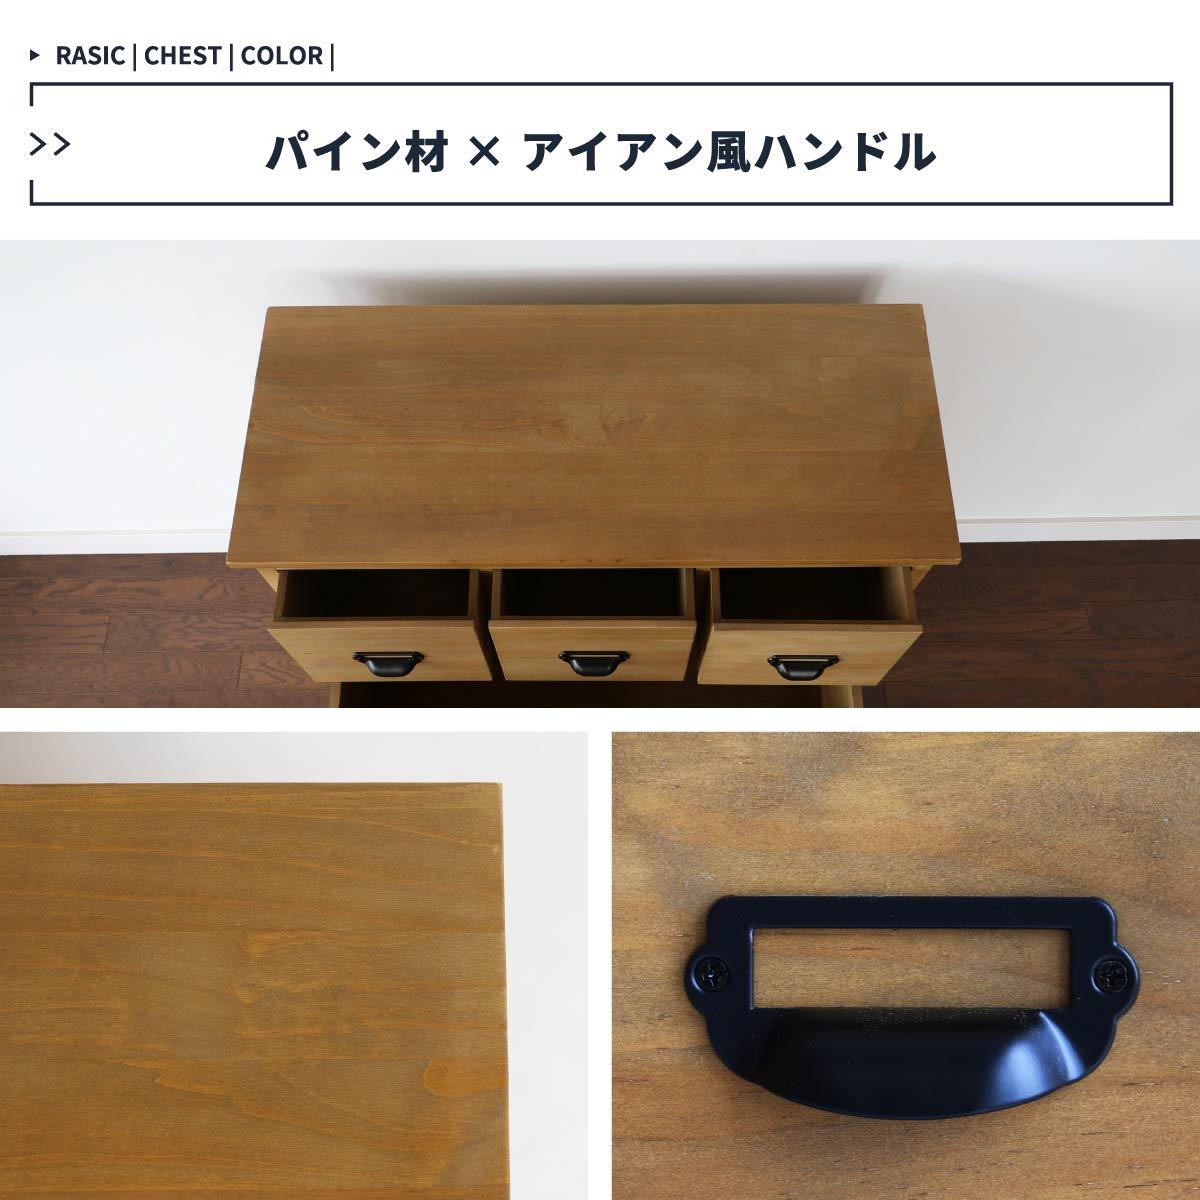 チェスト 収納家具 リビング収納 タンス 3段 薬箱 引き出し 木製 アンティーク調 クラシック キッチン 寝室 リビング 脱衣所